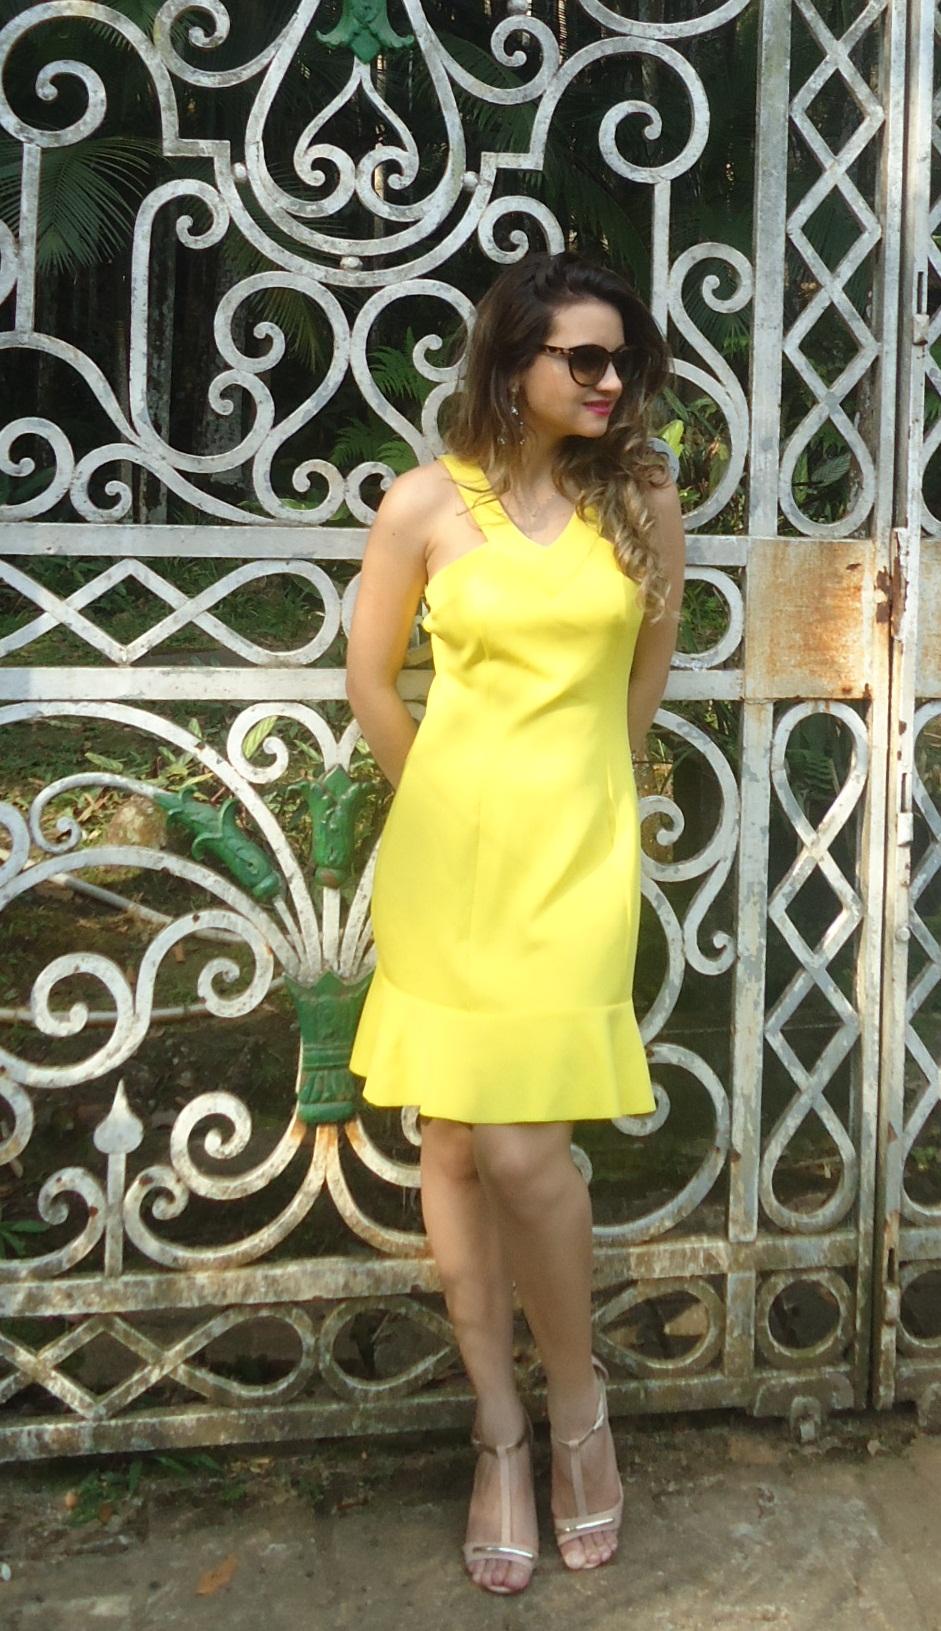 DSC08751 Look da ka:  Vestido Amarelo - Verão